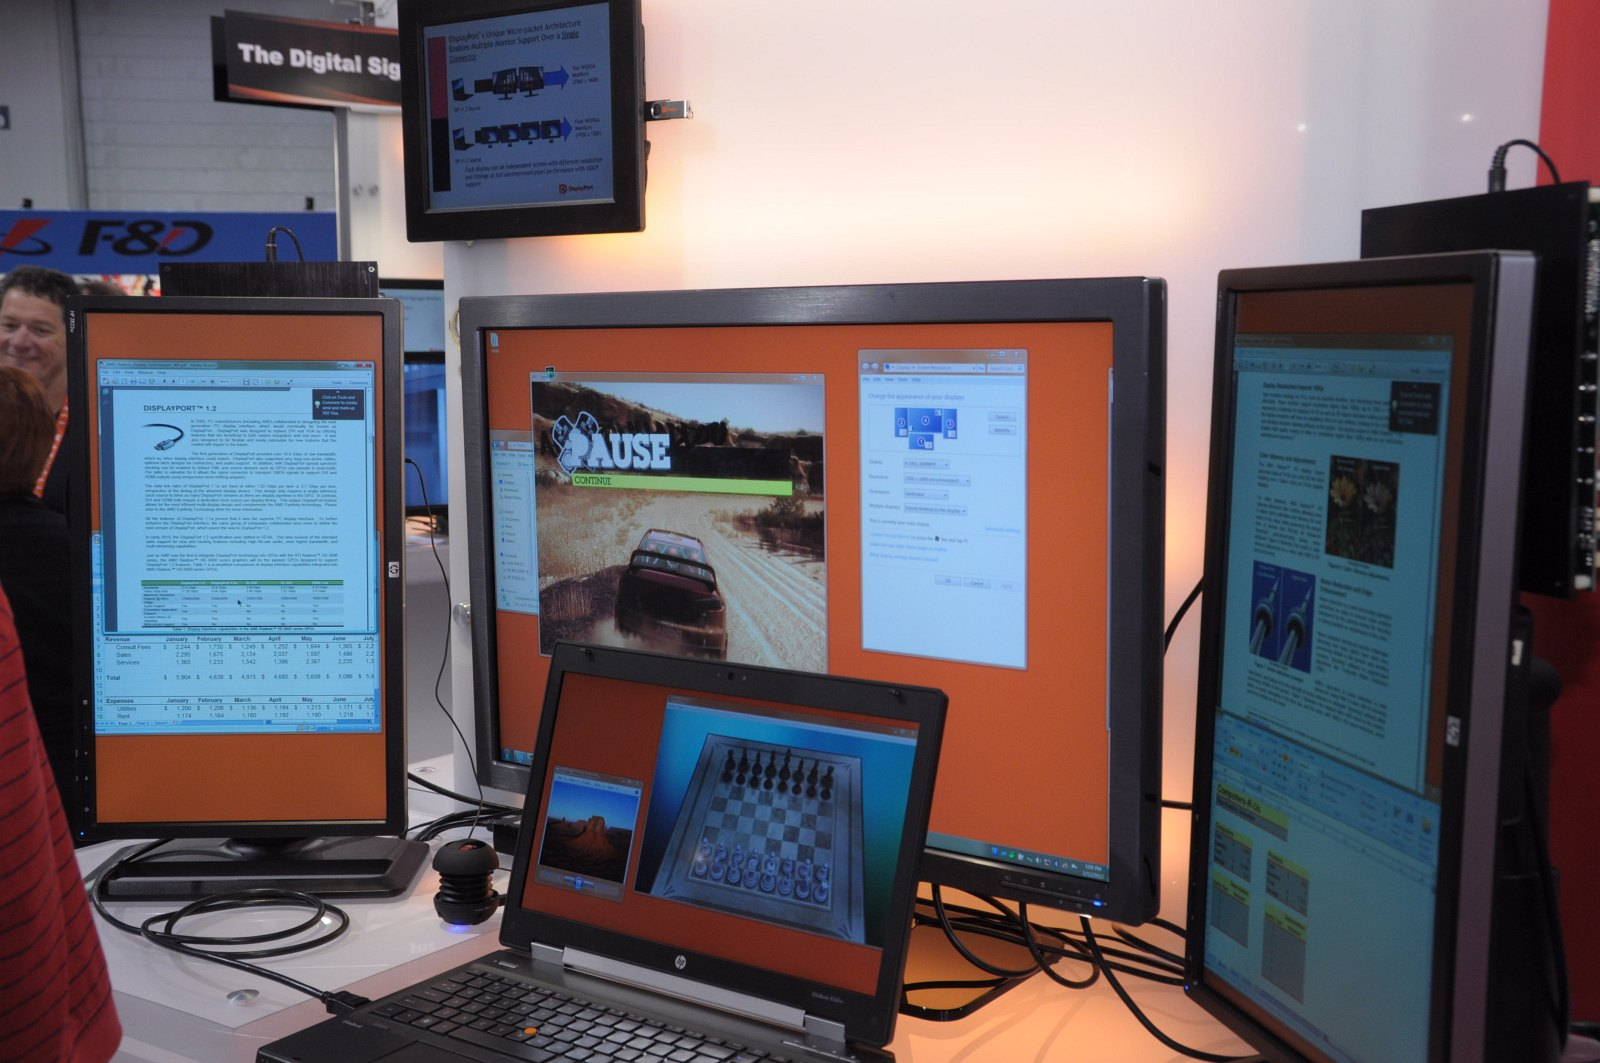 Daisychaining: 63 Monitore per Displayport an einer Grafikkarte - In der Mitte das Notebook. Von links geht es dann zu zwei Full-HD-Displays und einem Display in der Mitte mit 2.560 x 1.600 Pixeln.